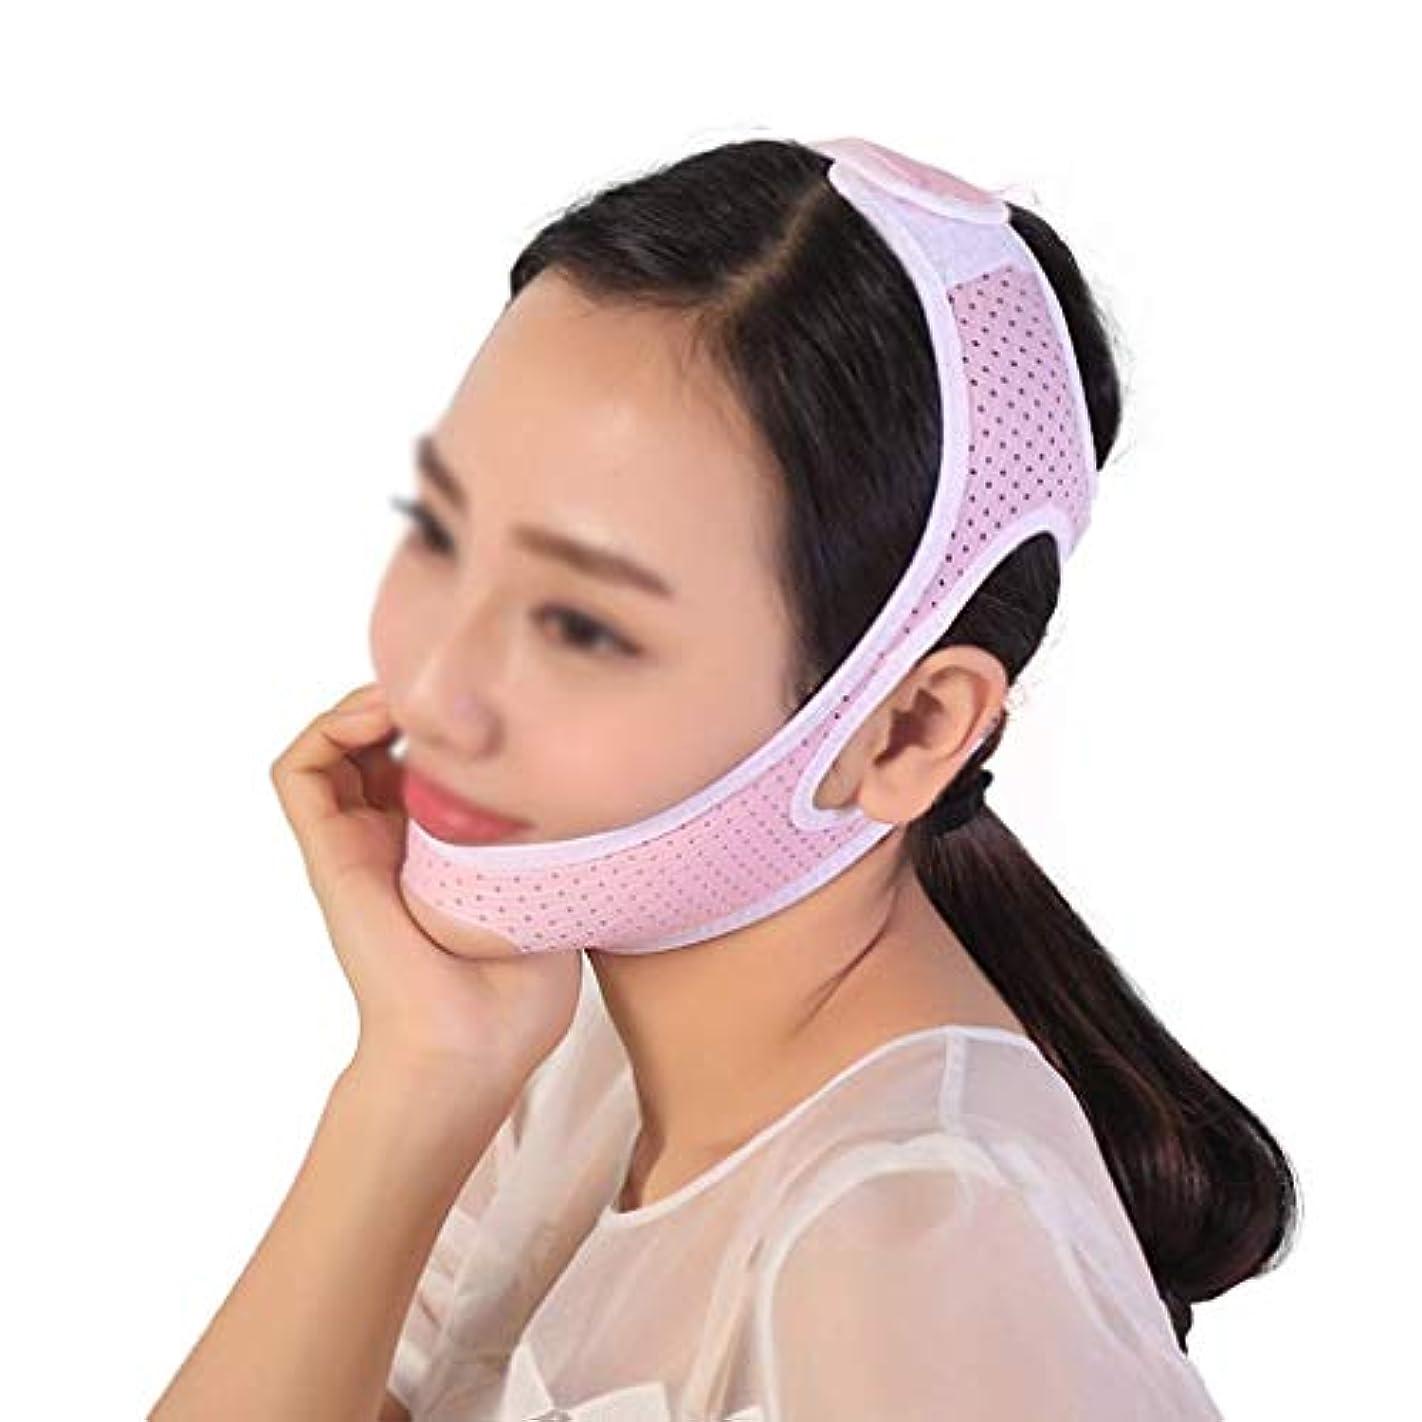 オーケストラ実り多いフィードオンフェイスリフトマスク、顔の皮膚の首のあごのラインを改善、リフトフェイス、細い頬マスク、細いチンチーク細いV(ピンク)(サイズ:M),L